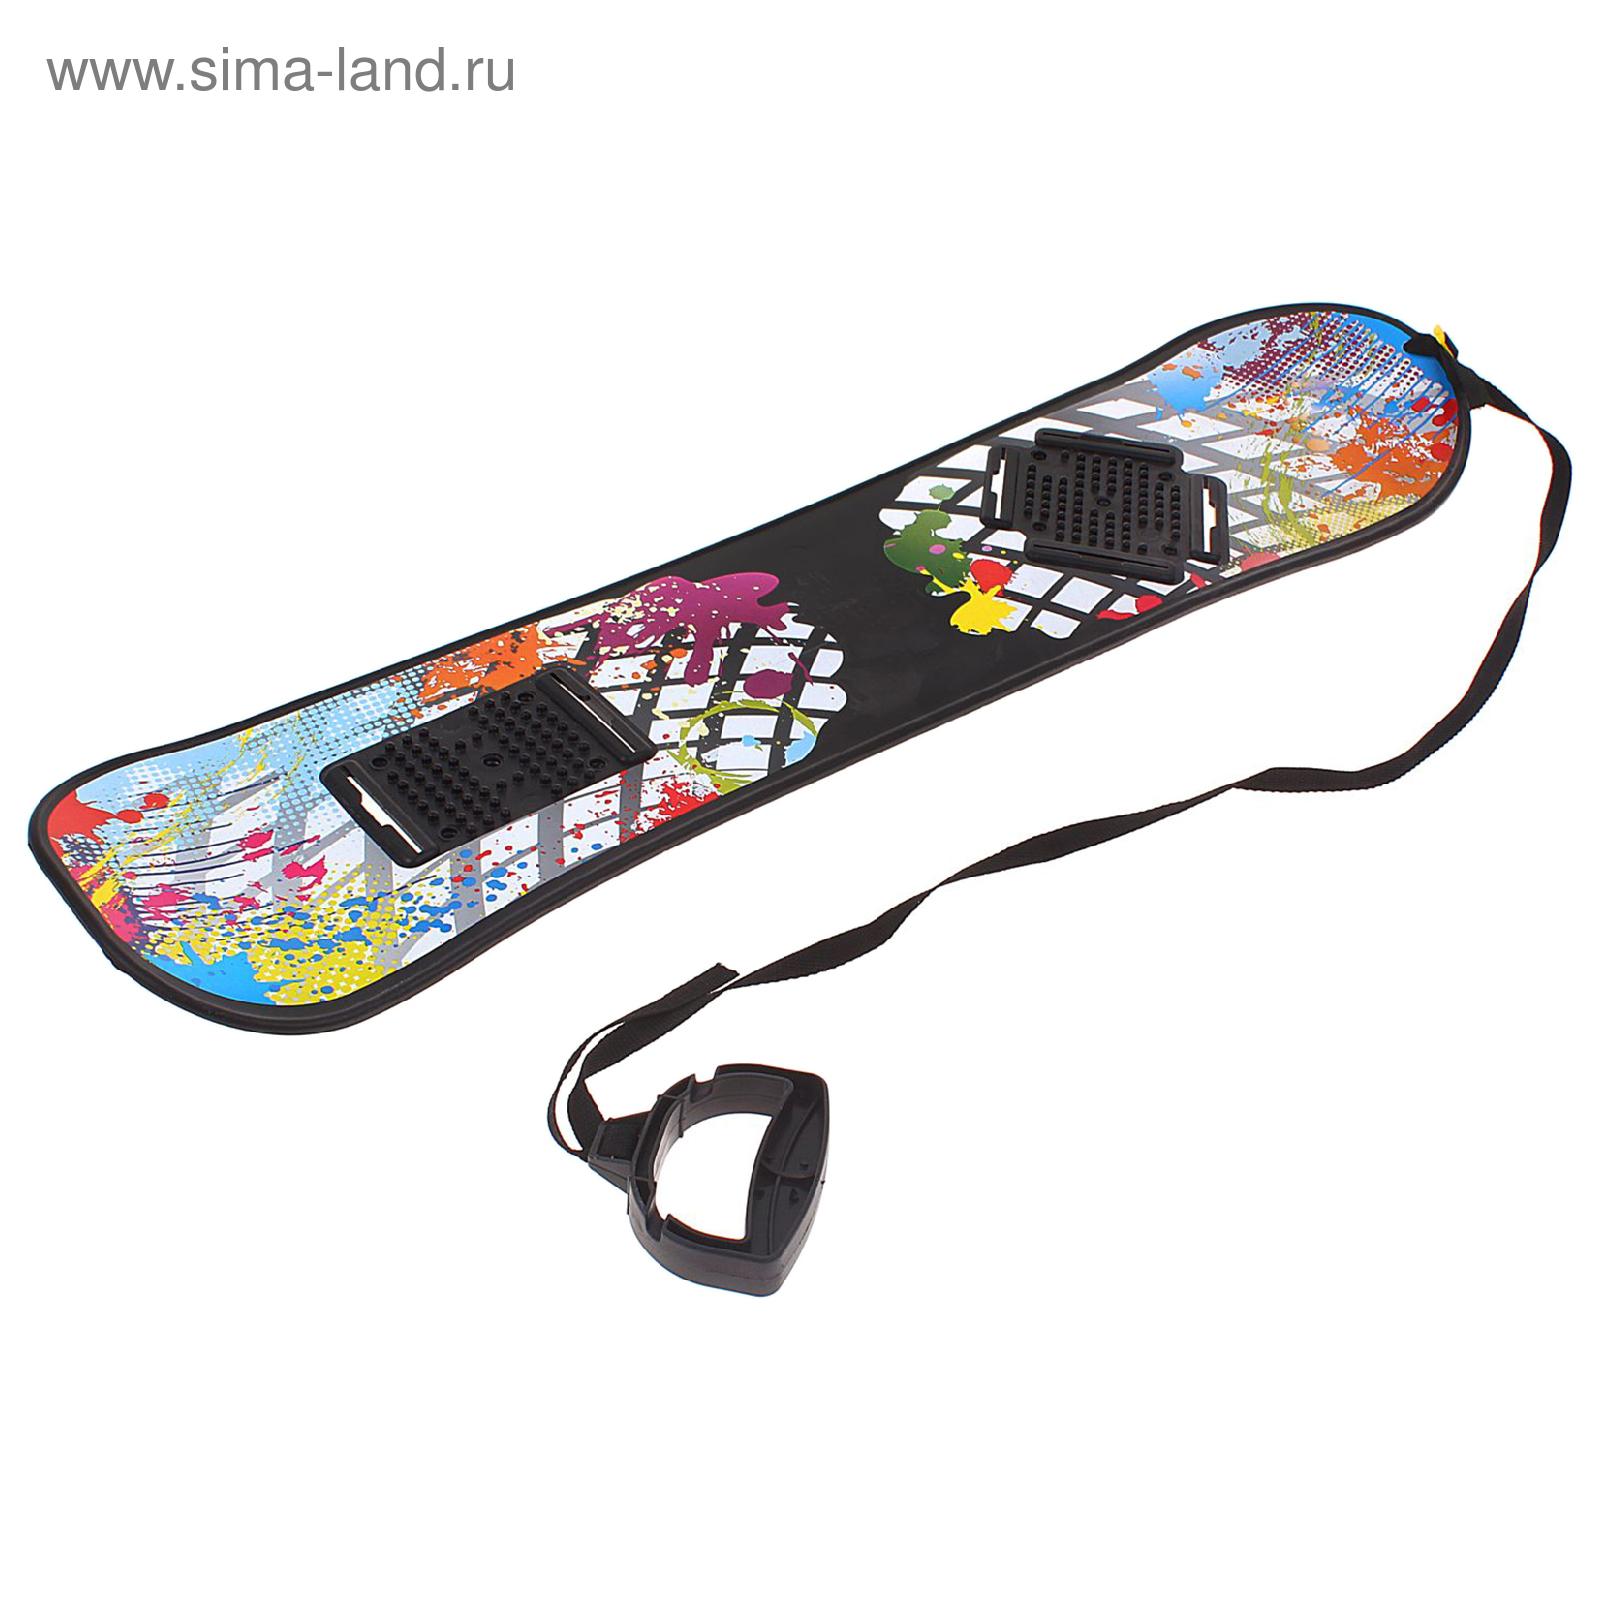 Сноускейт без креплений, с ручкой (1195433) - Купить по цене от ... de4565778be